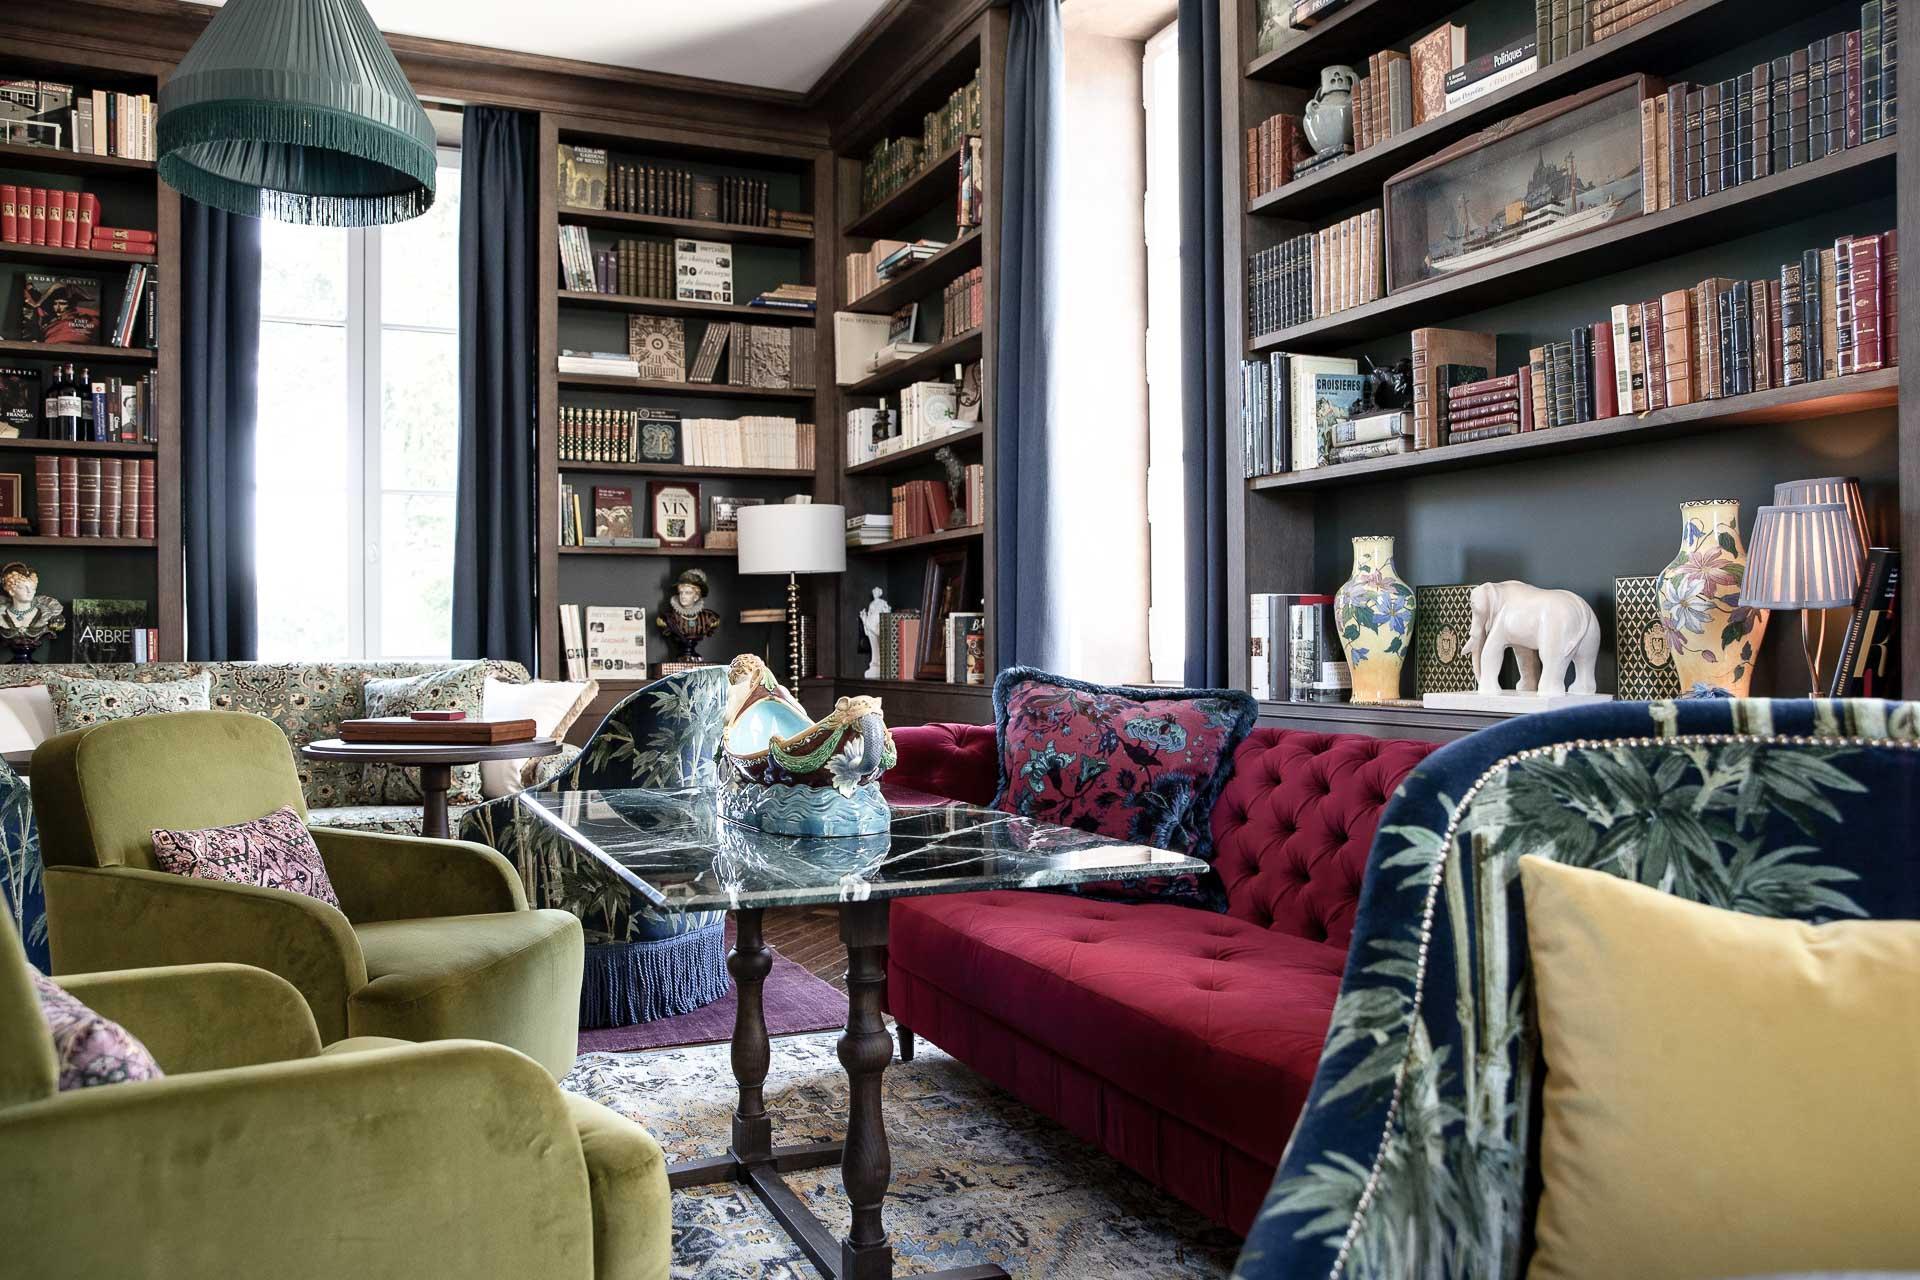 La librairie de l'hôtel sert d'espace de détente cosy qui rappelle le noble passé de la maison. ©G.Gardette.